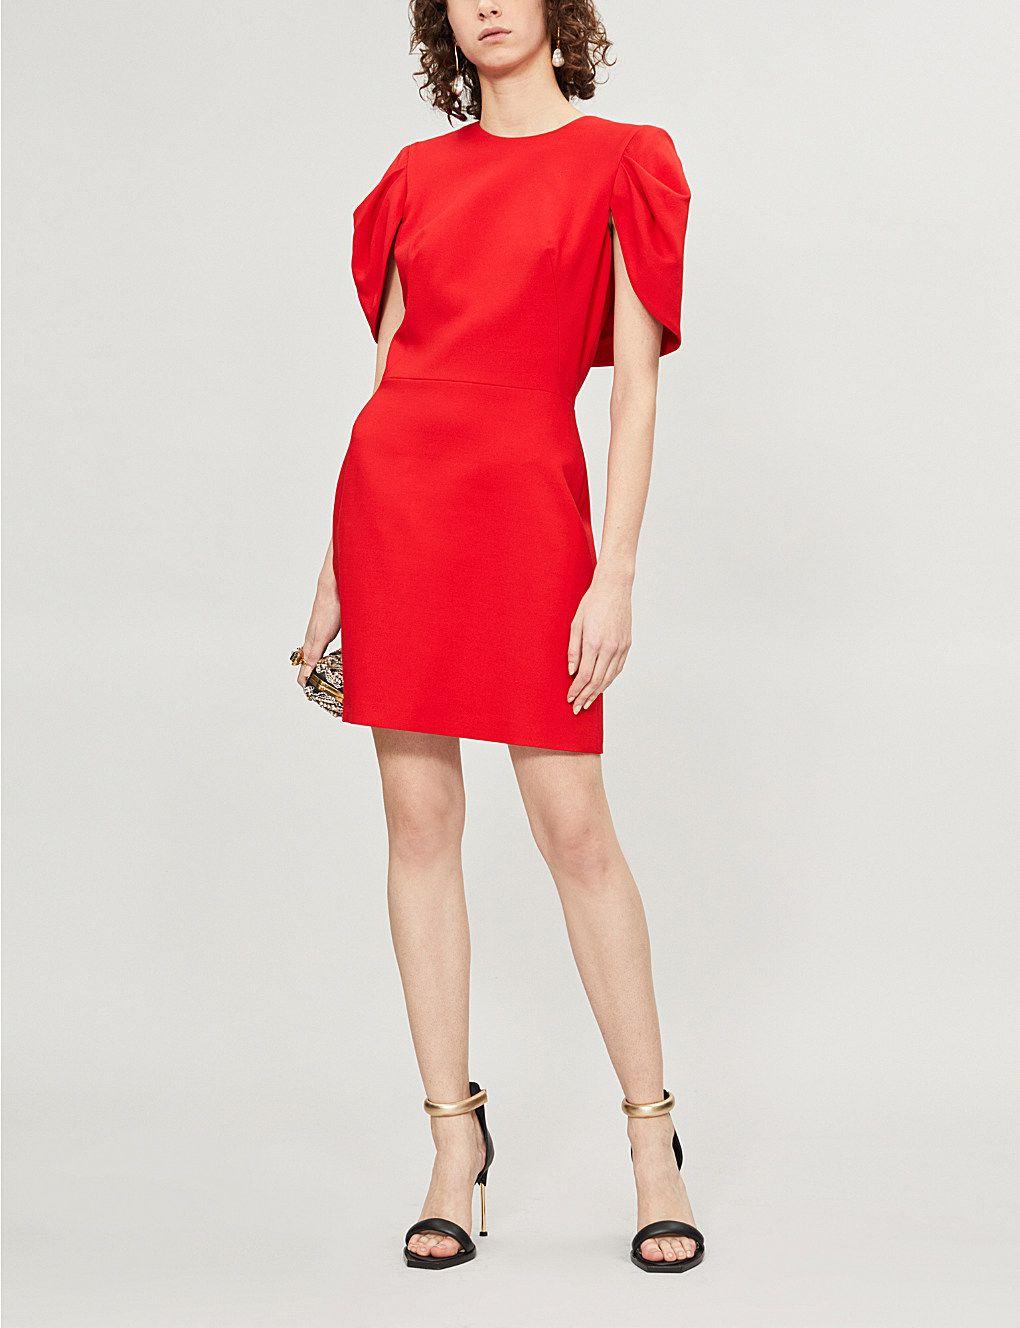 38e9c50d66 ALEXANDER MCQUEEN Cape-back wool-blend dress in 2019 | Dresses ...